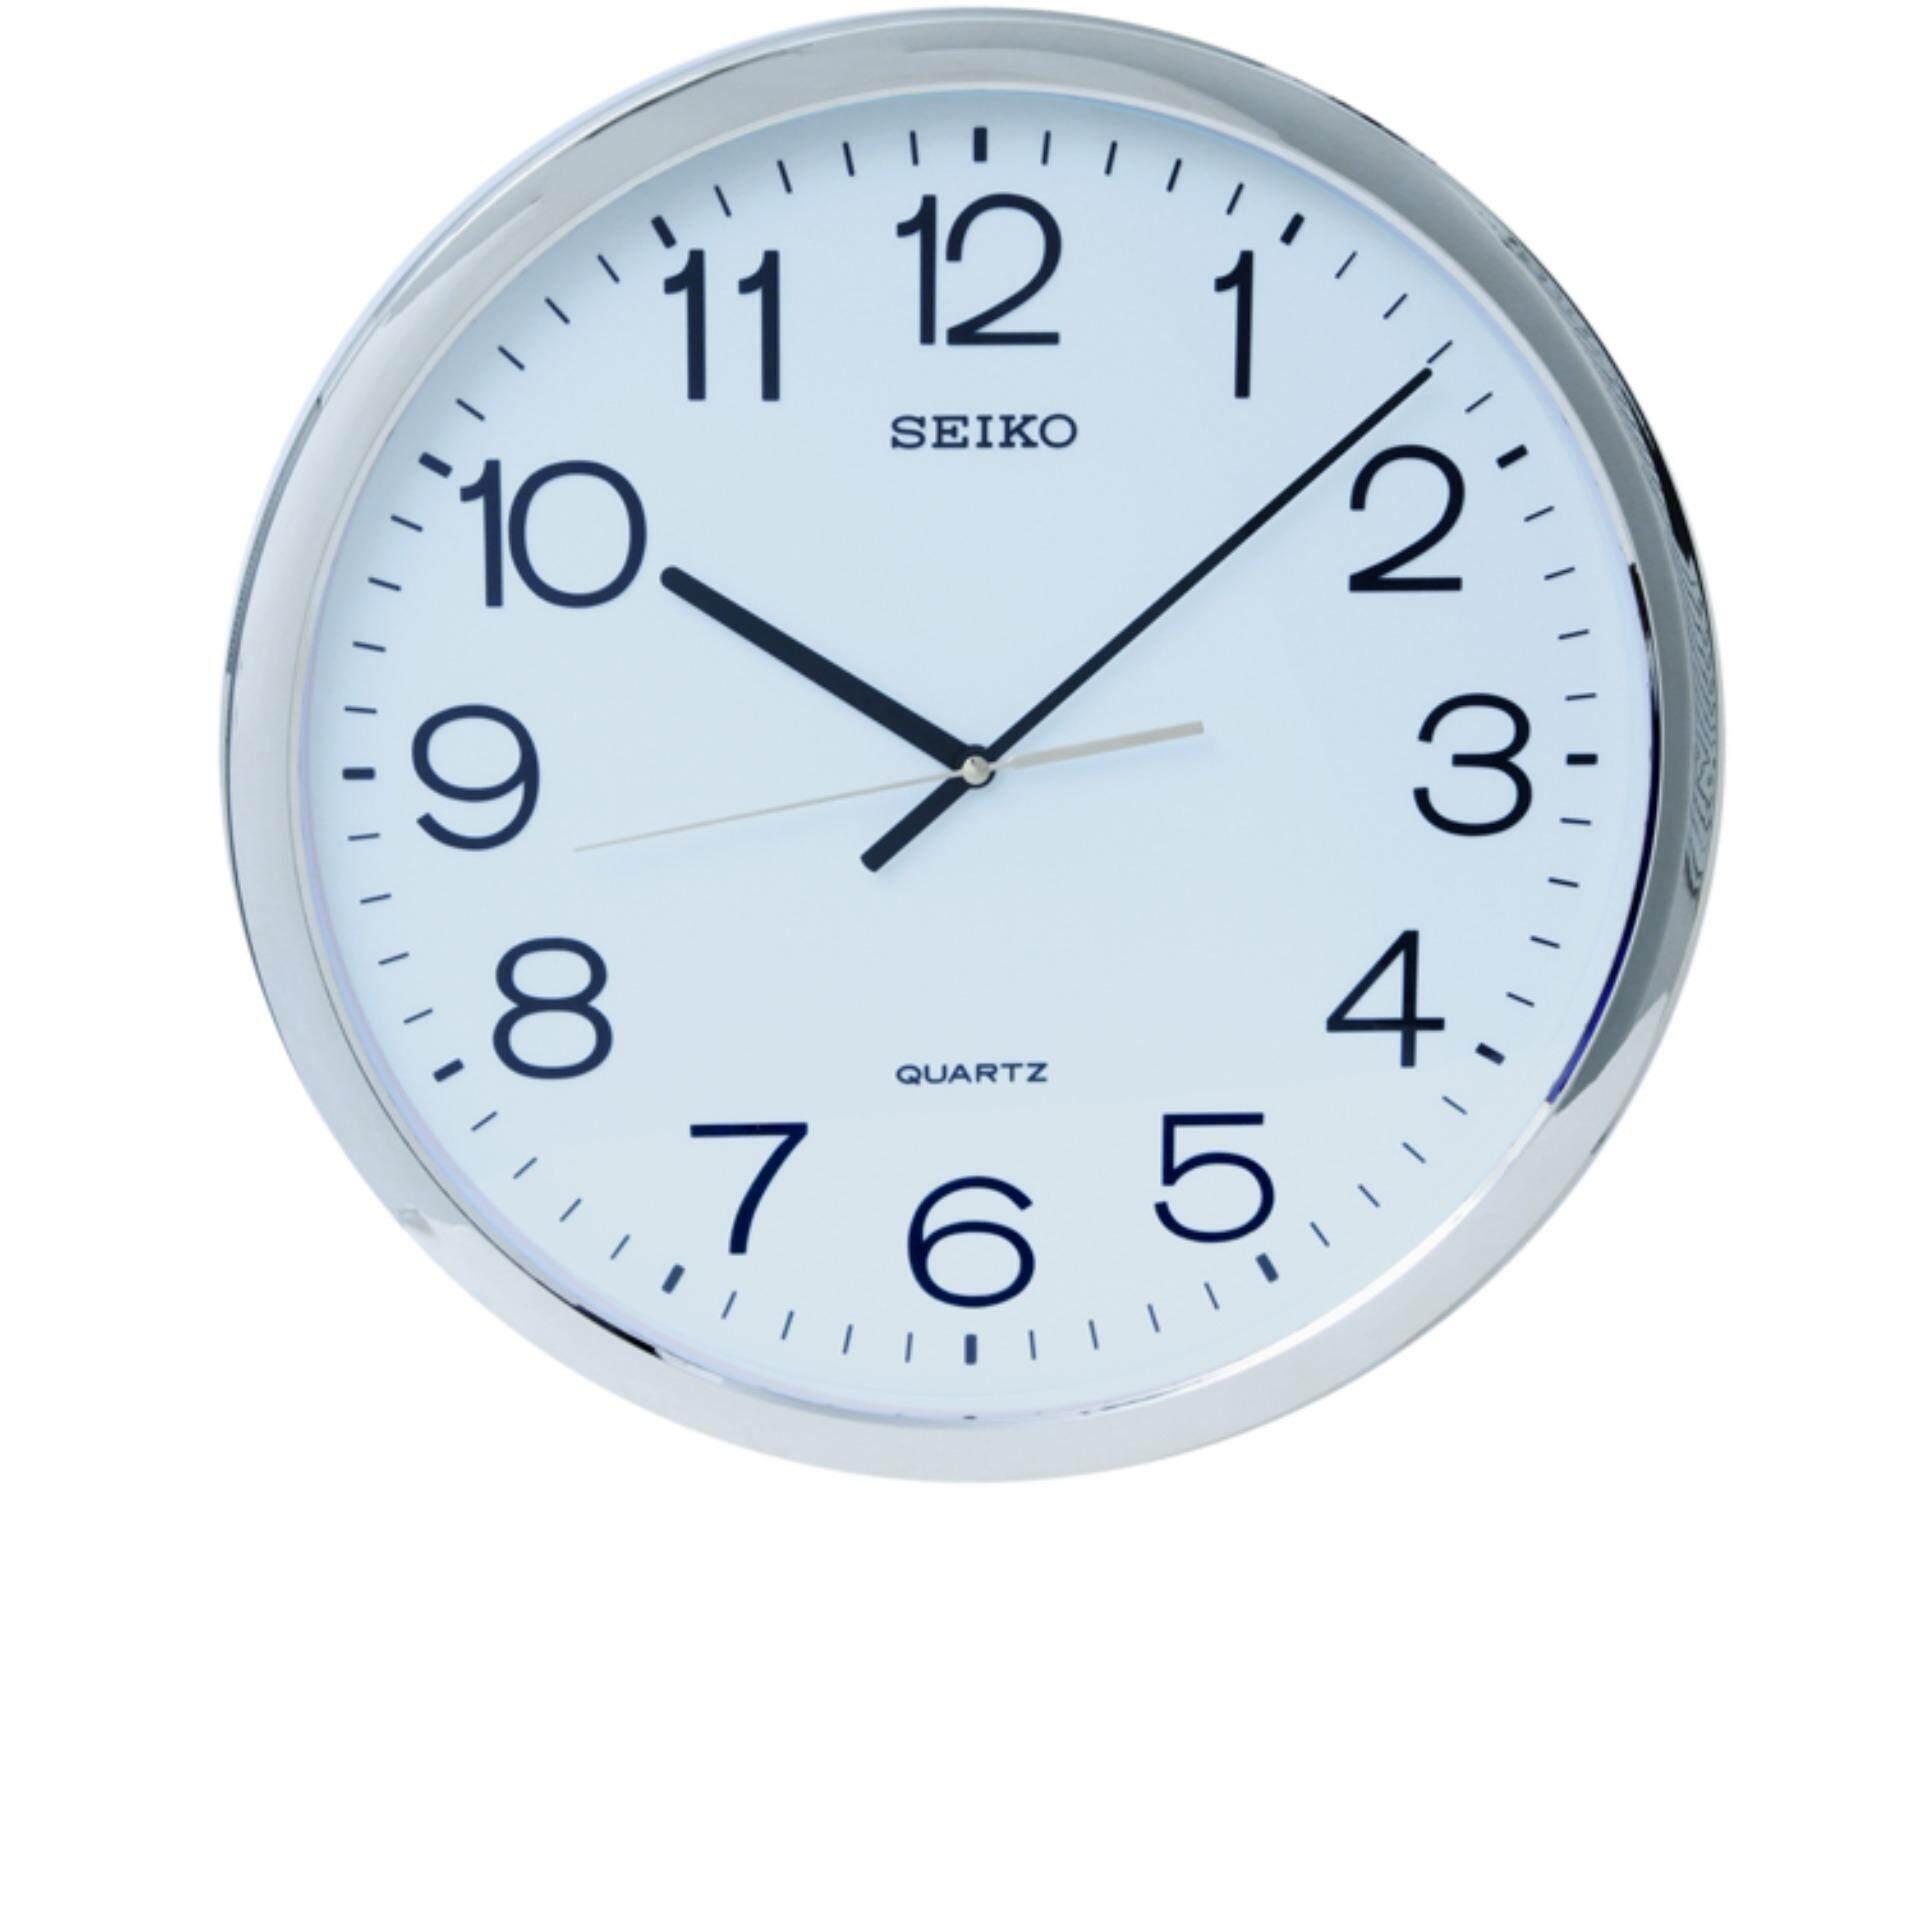 ขาย Seiko Clocks นาฬิกาแขวน รุ่น Pqa041S Seiko Clocks